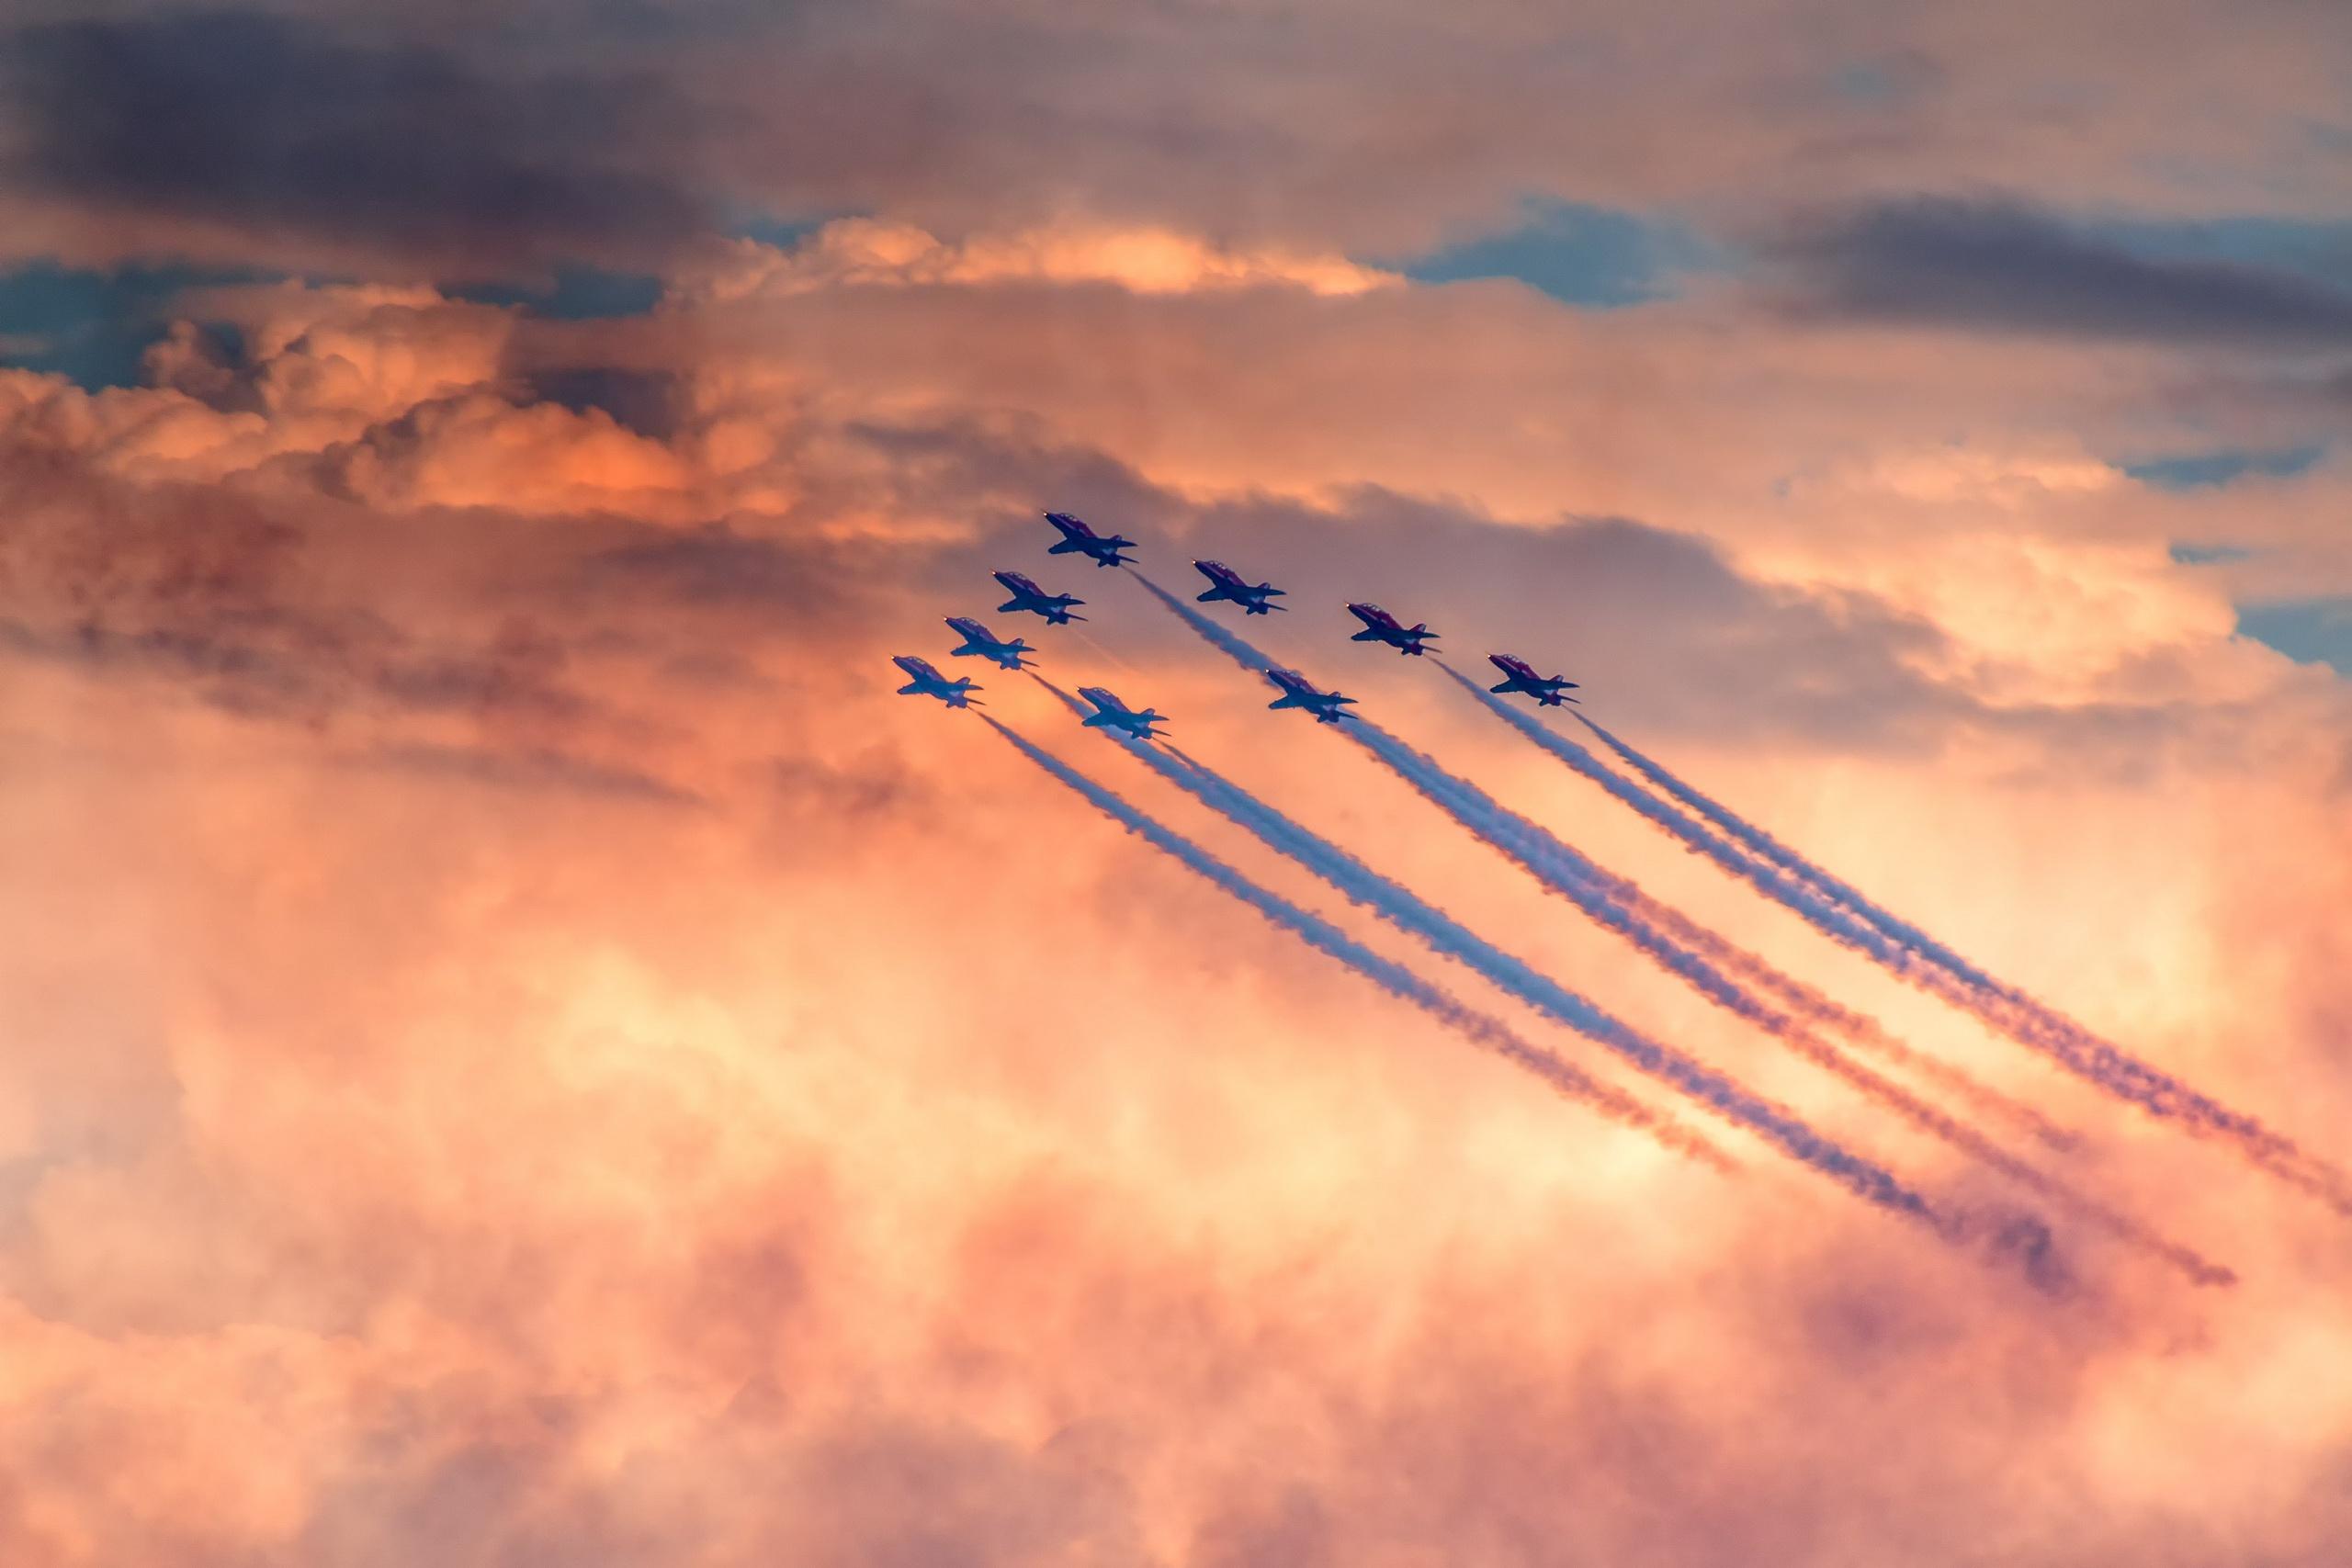 военное небо фото противном случае